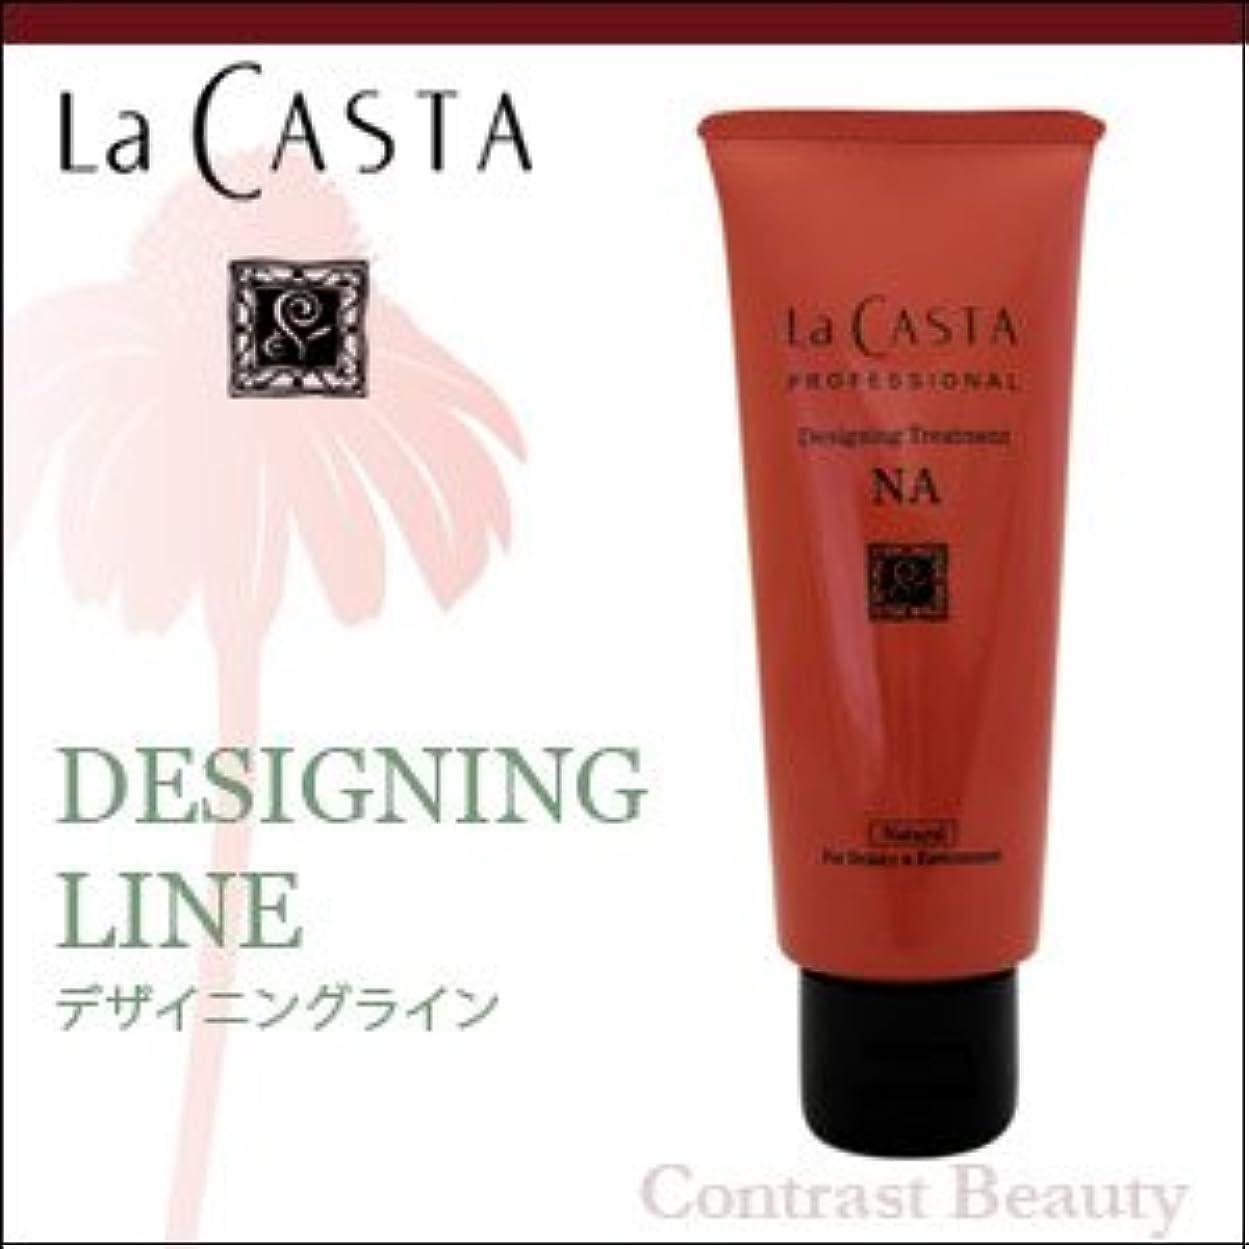 あそこ改革形容詞【ラ カスタ プロフェッショナル】デザイニング トリートメントNA 105g